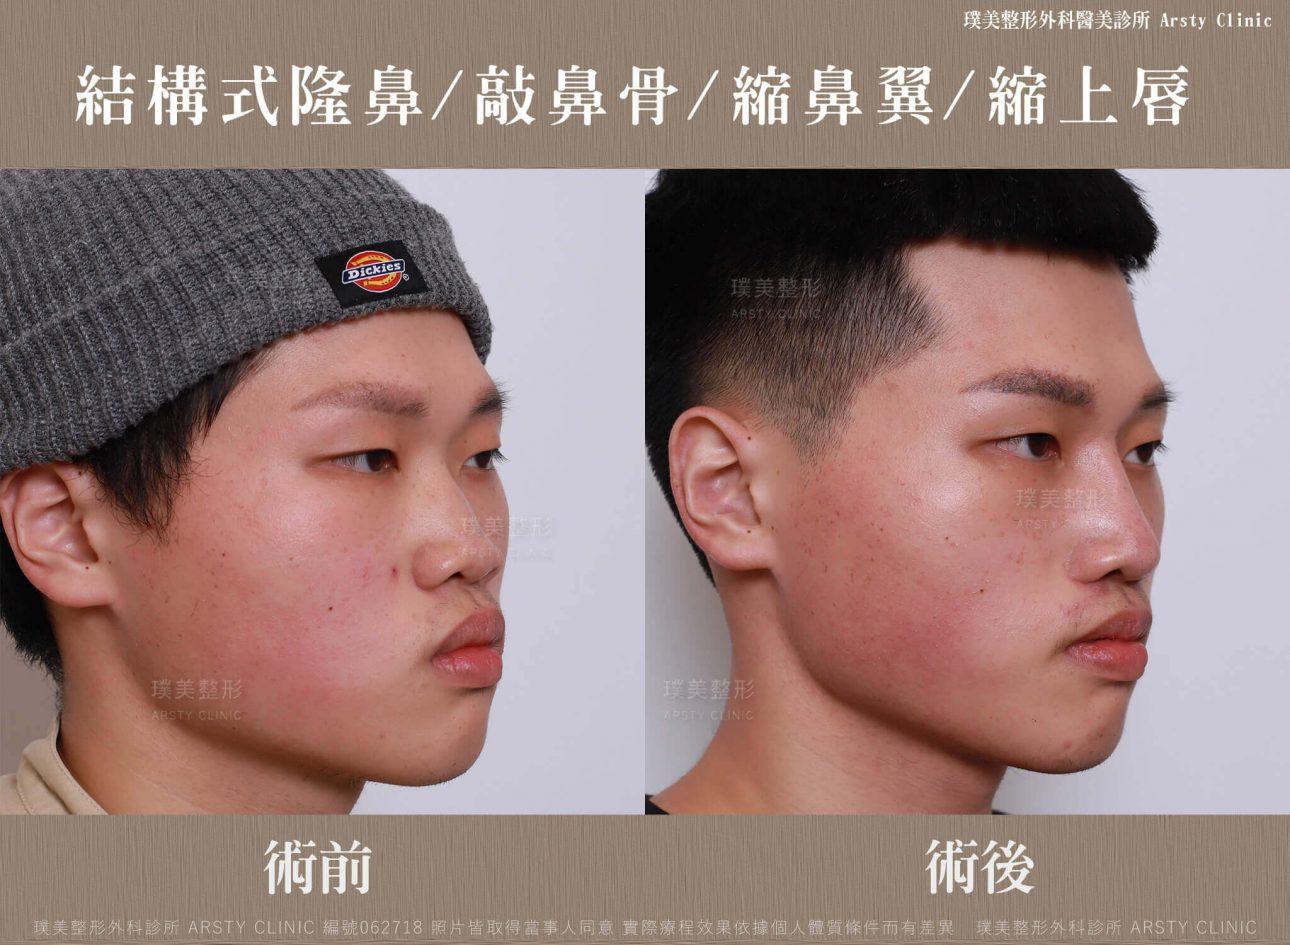 結構式隆鼻手術-縮鼻翼-敲鼻骨-縮上唇-BA-062718-右45